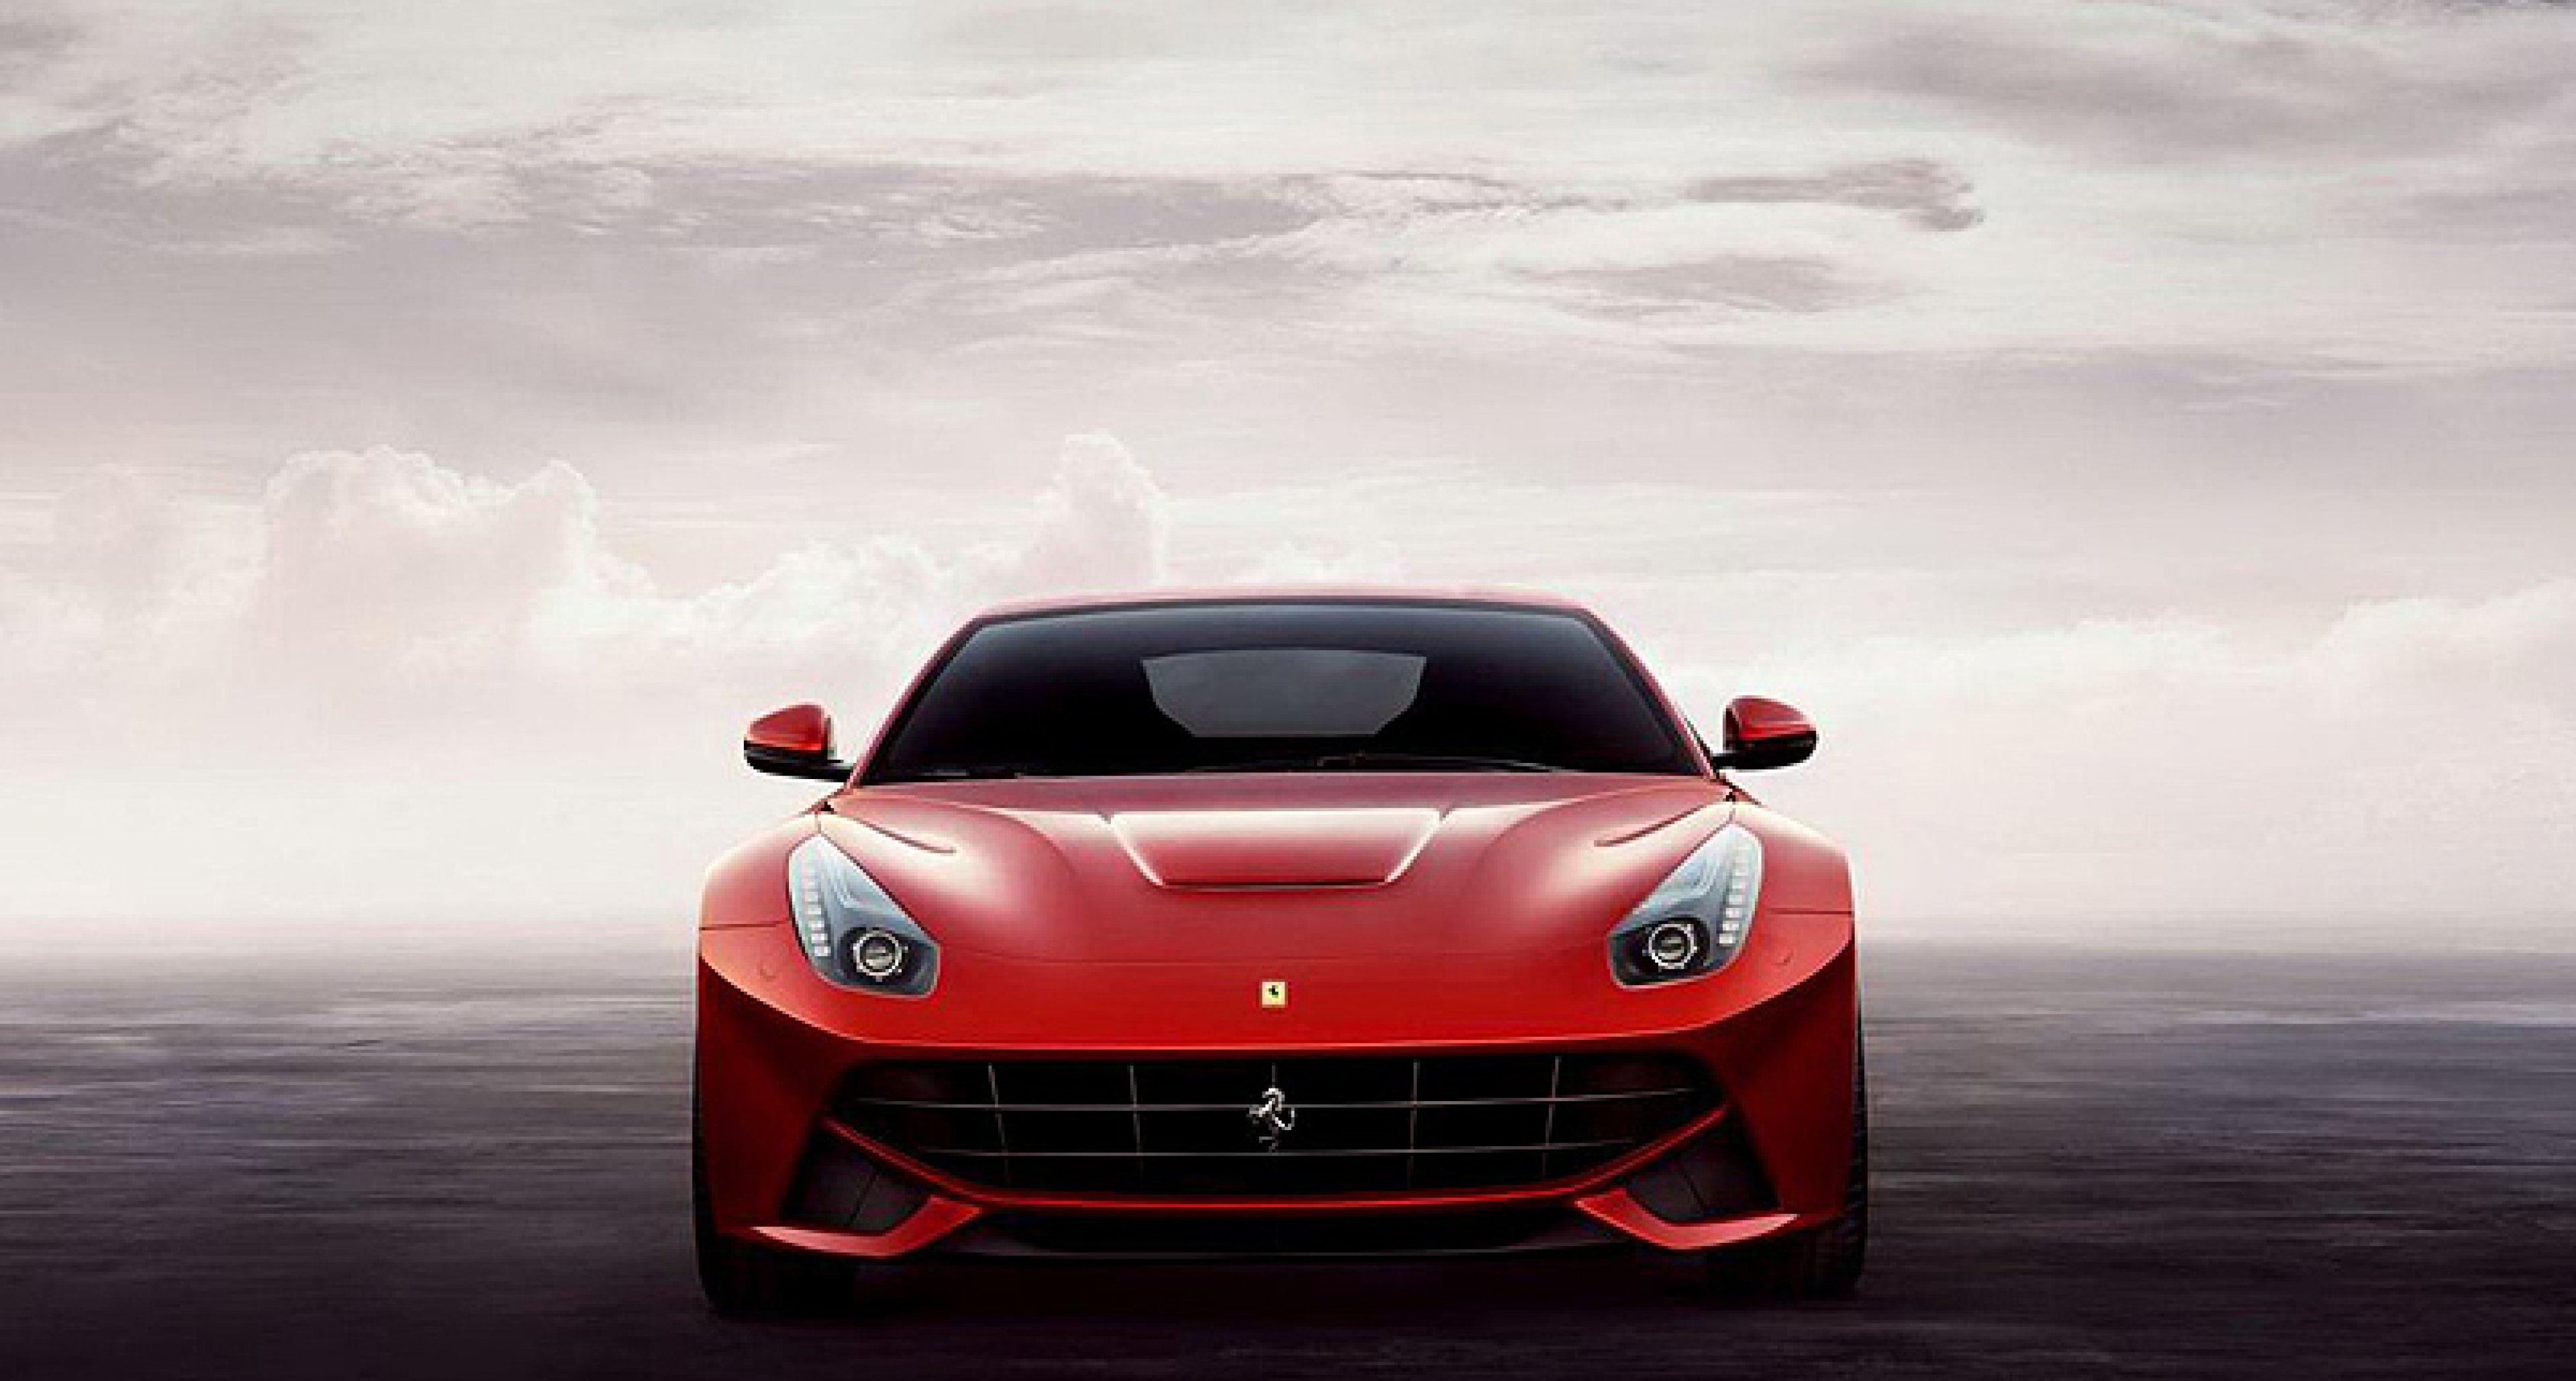 Der schnellste Ferrari aller Zeiten heißt F12berlinetta